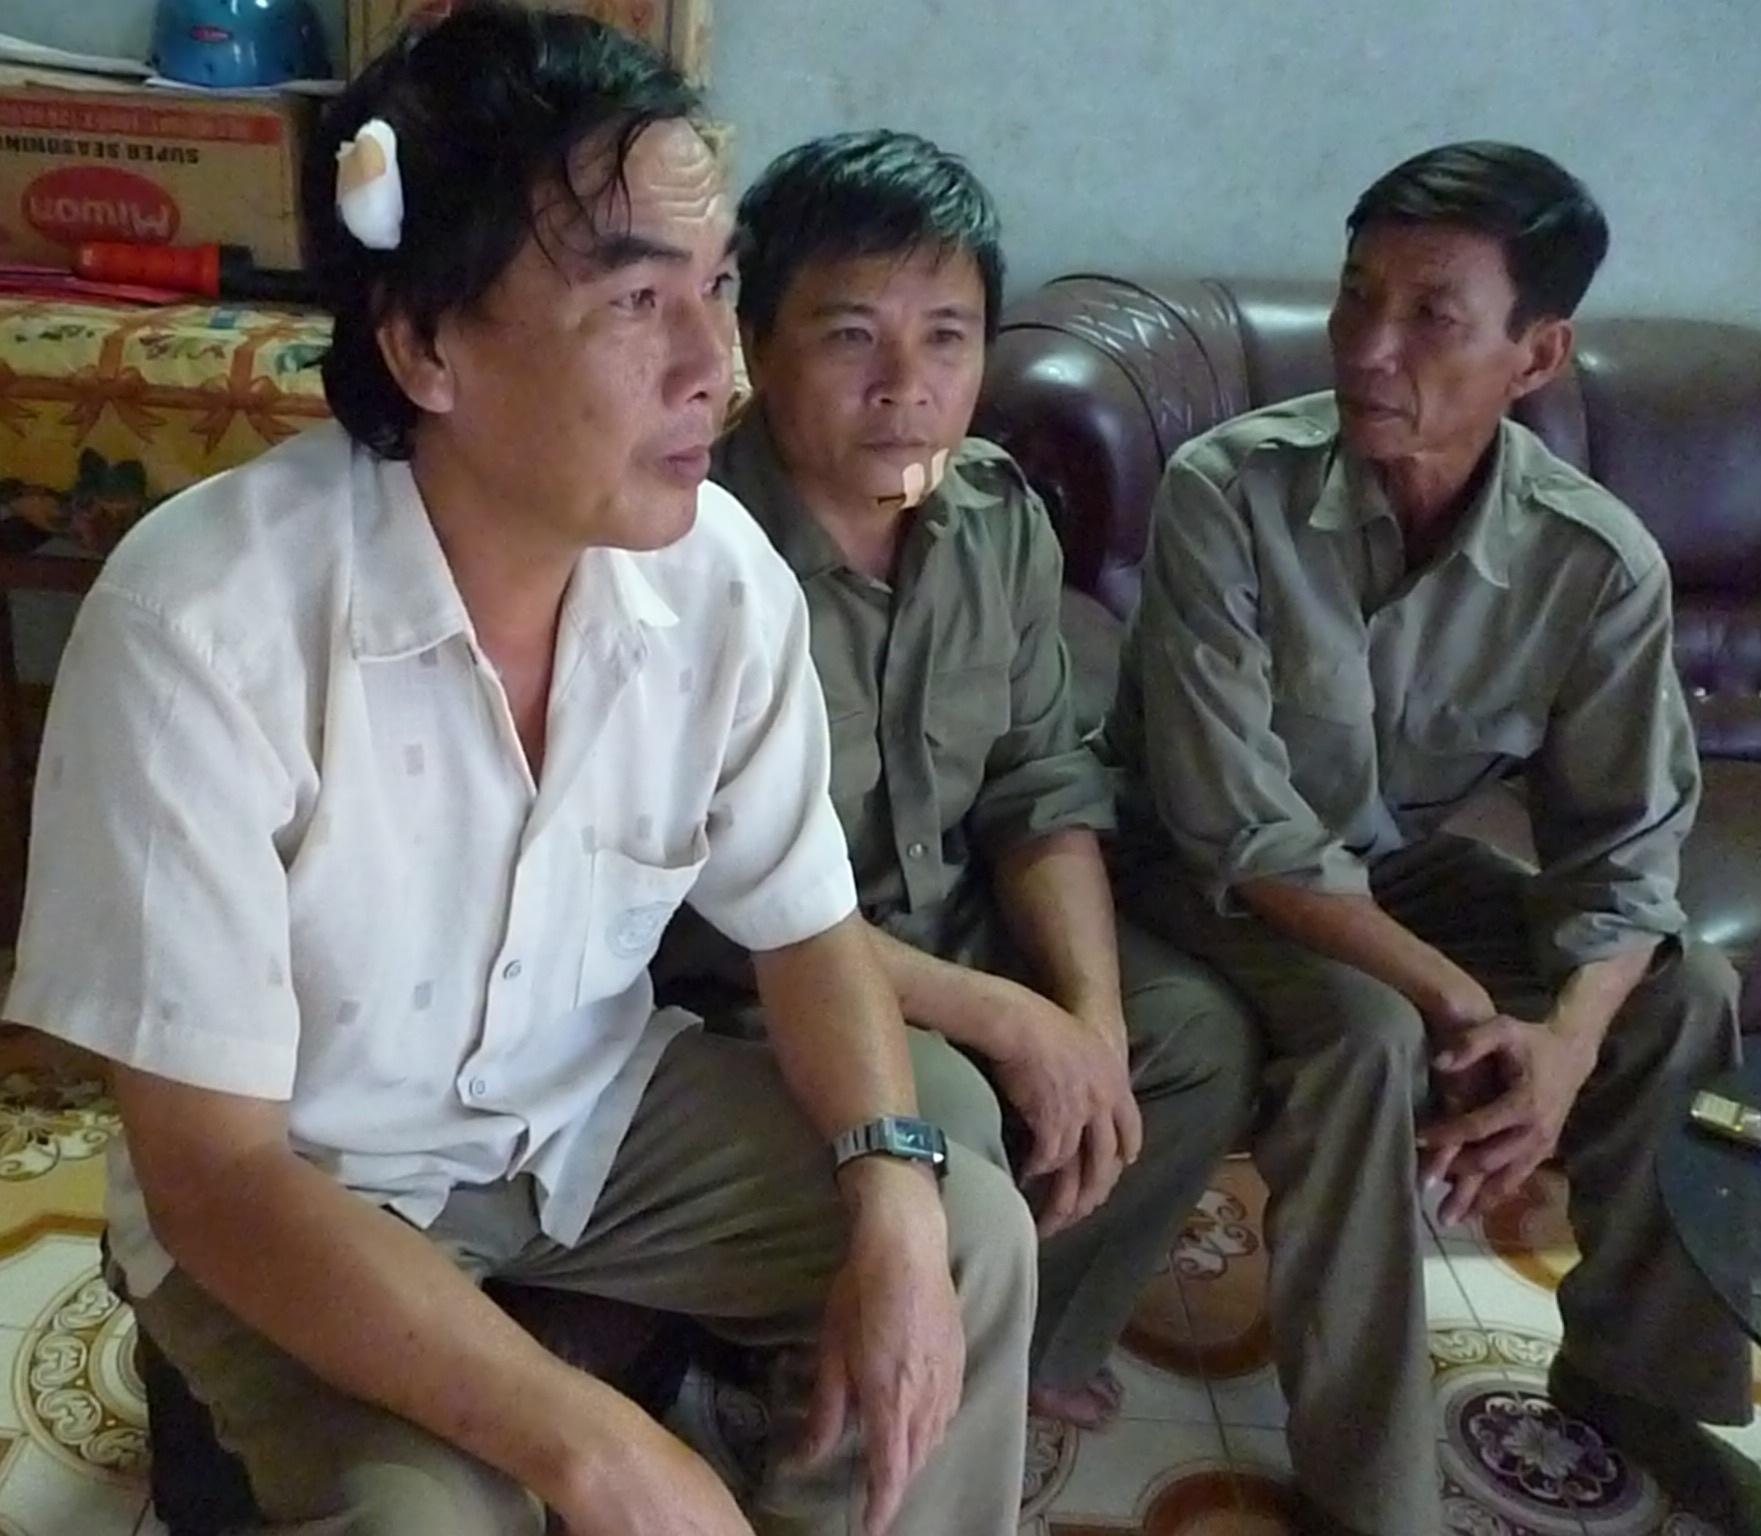 Anh Minh và anh Hào bị 2 tên trộm tấn công khi làm nhiệm vụ tuần tra